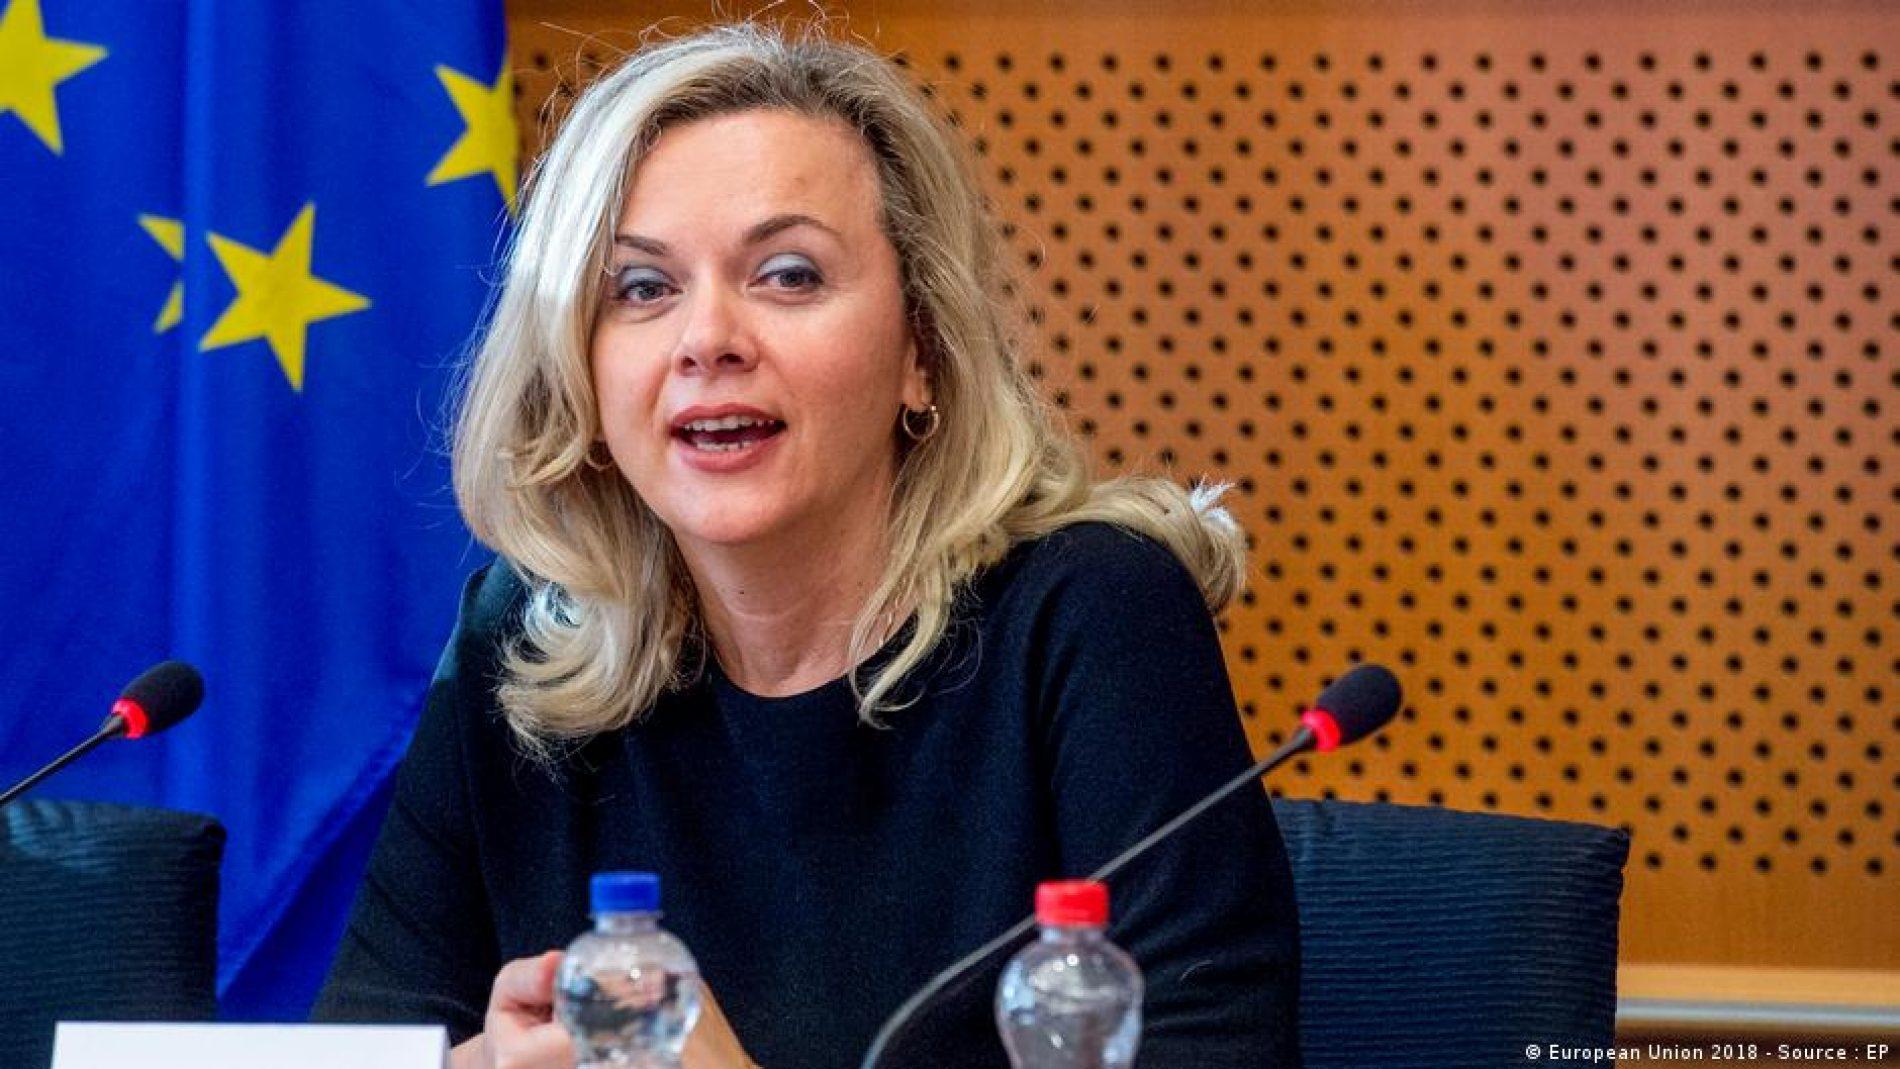 Austrijski 'Standard' o Željani Zovko: Lobira za rasističko-šovinističke pozicije hercegovačkog HDZ-a